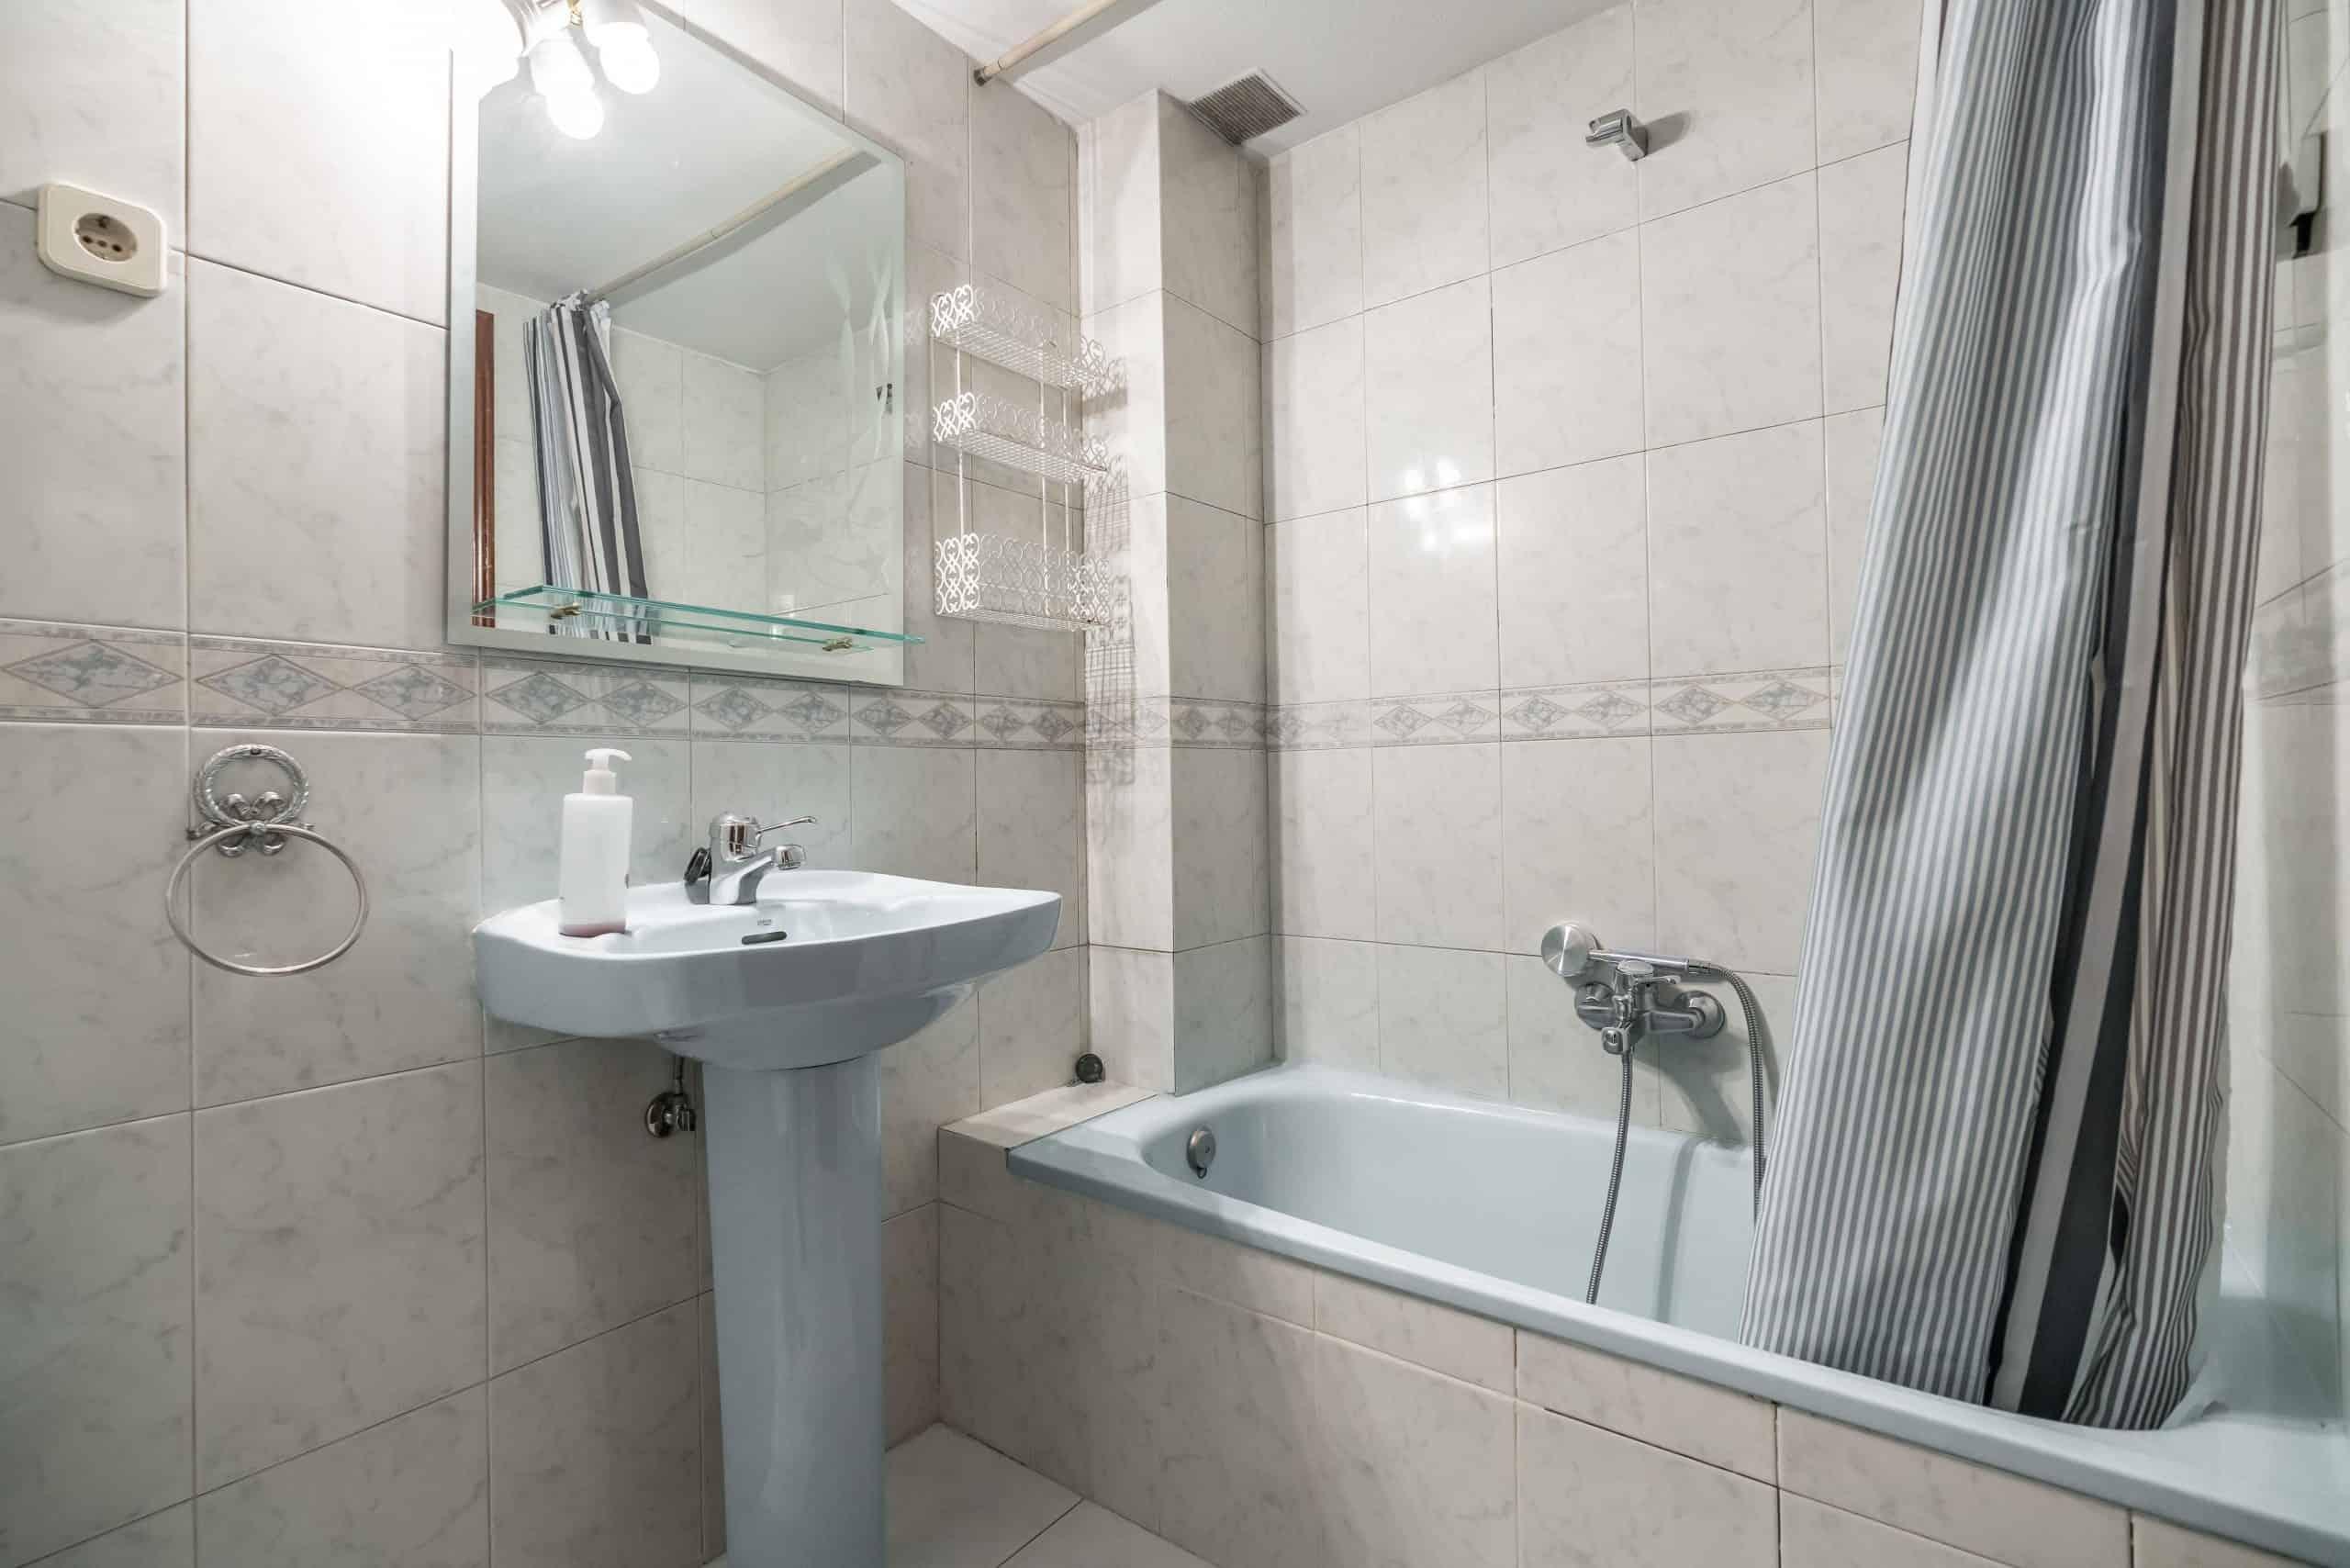 Agencia Inmobiliaria de Madrid-FUTUROCASA-Zona ARGANZUELA-LEGAZPI -calle Jaime Conquistador 48- Baño 3